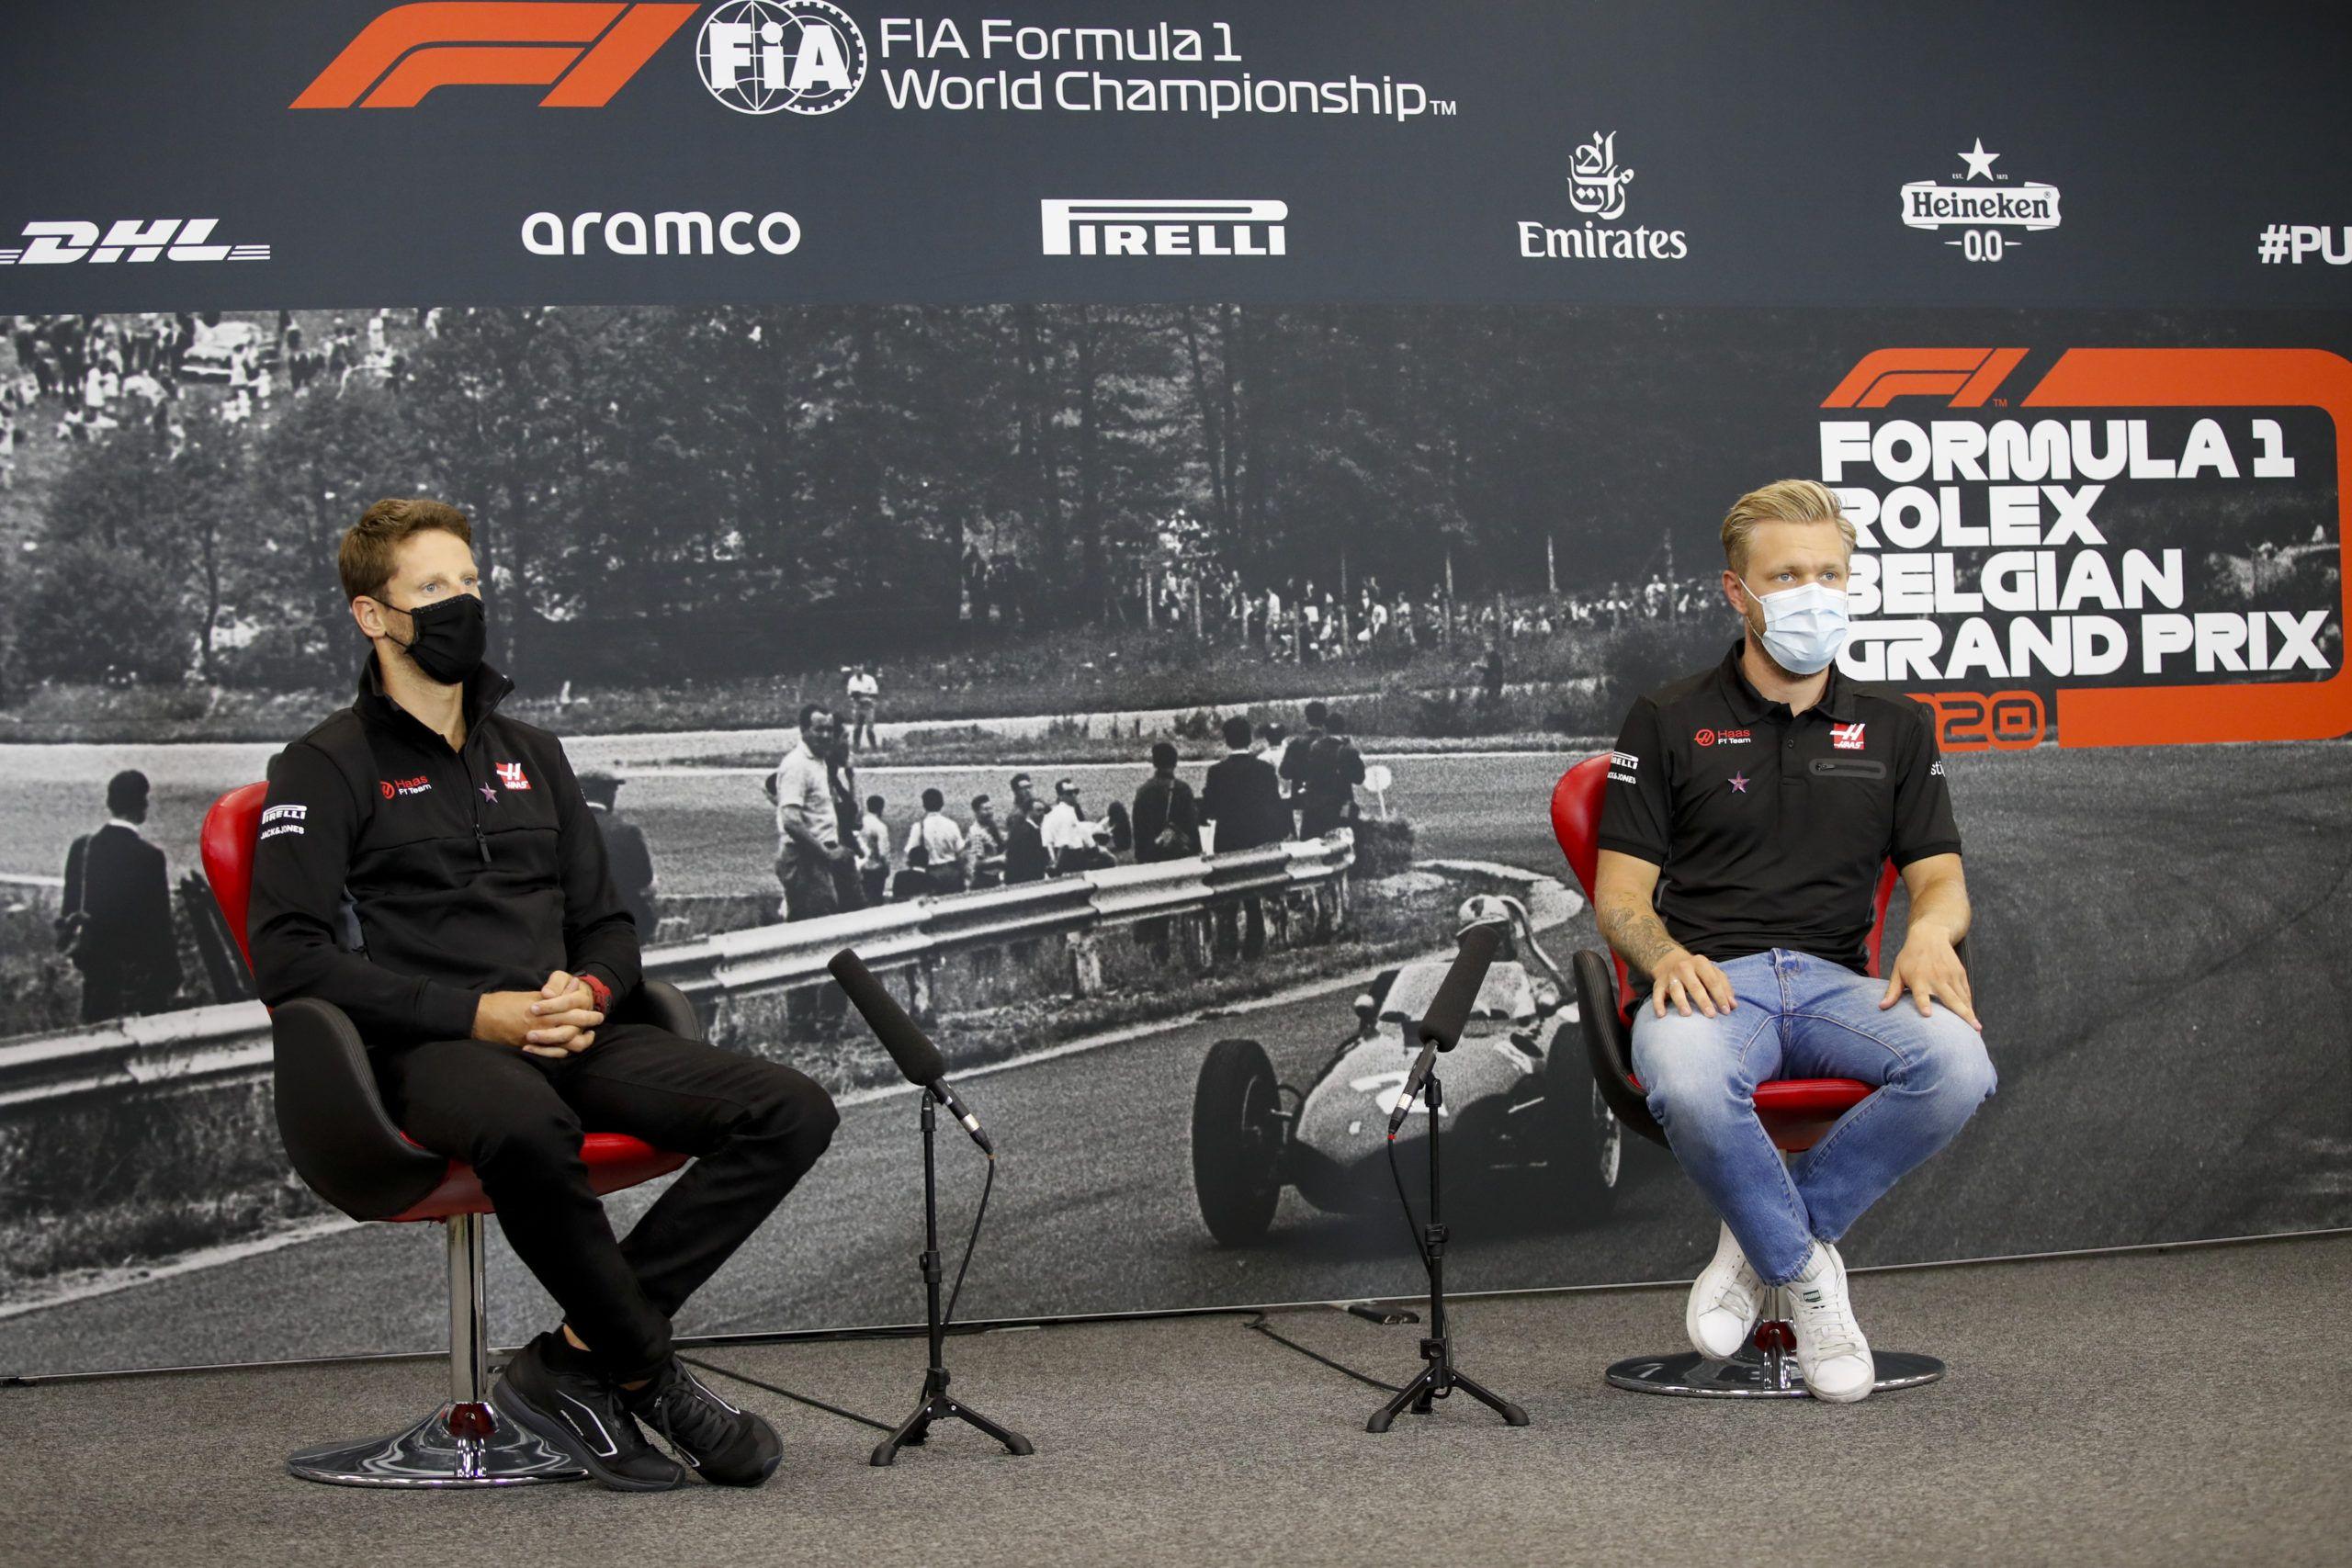 Haas, Guenther Steiner, Kevin Magnussen, Romain Grosjean, Sergio Perez